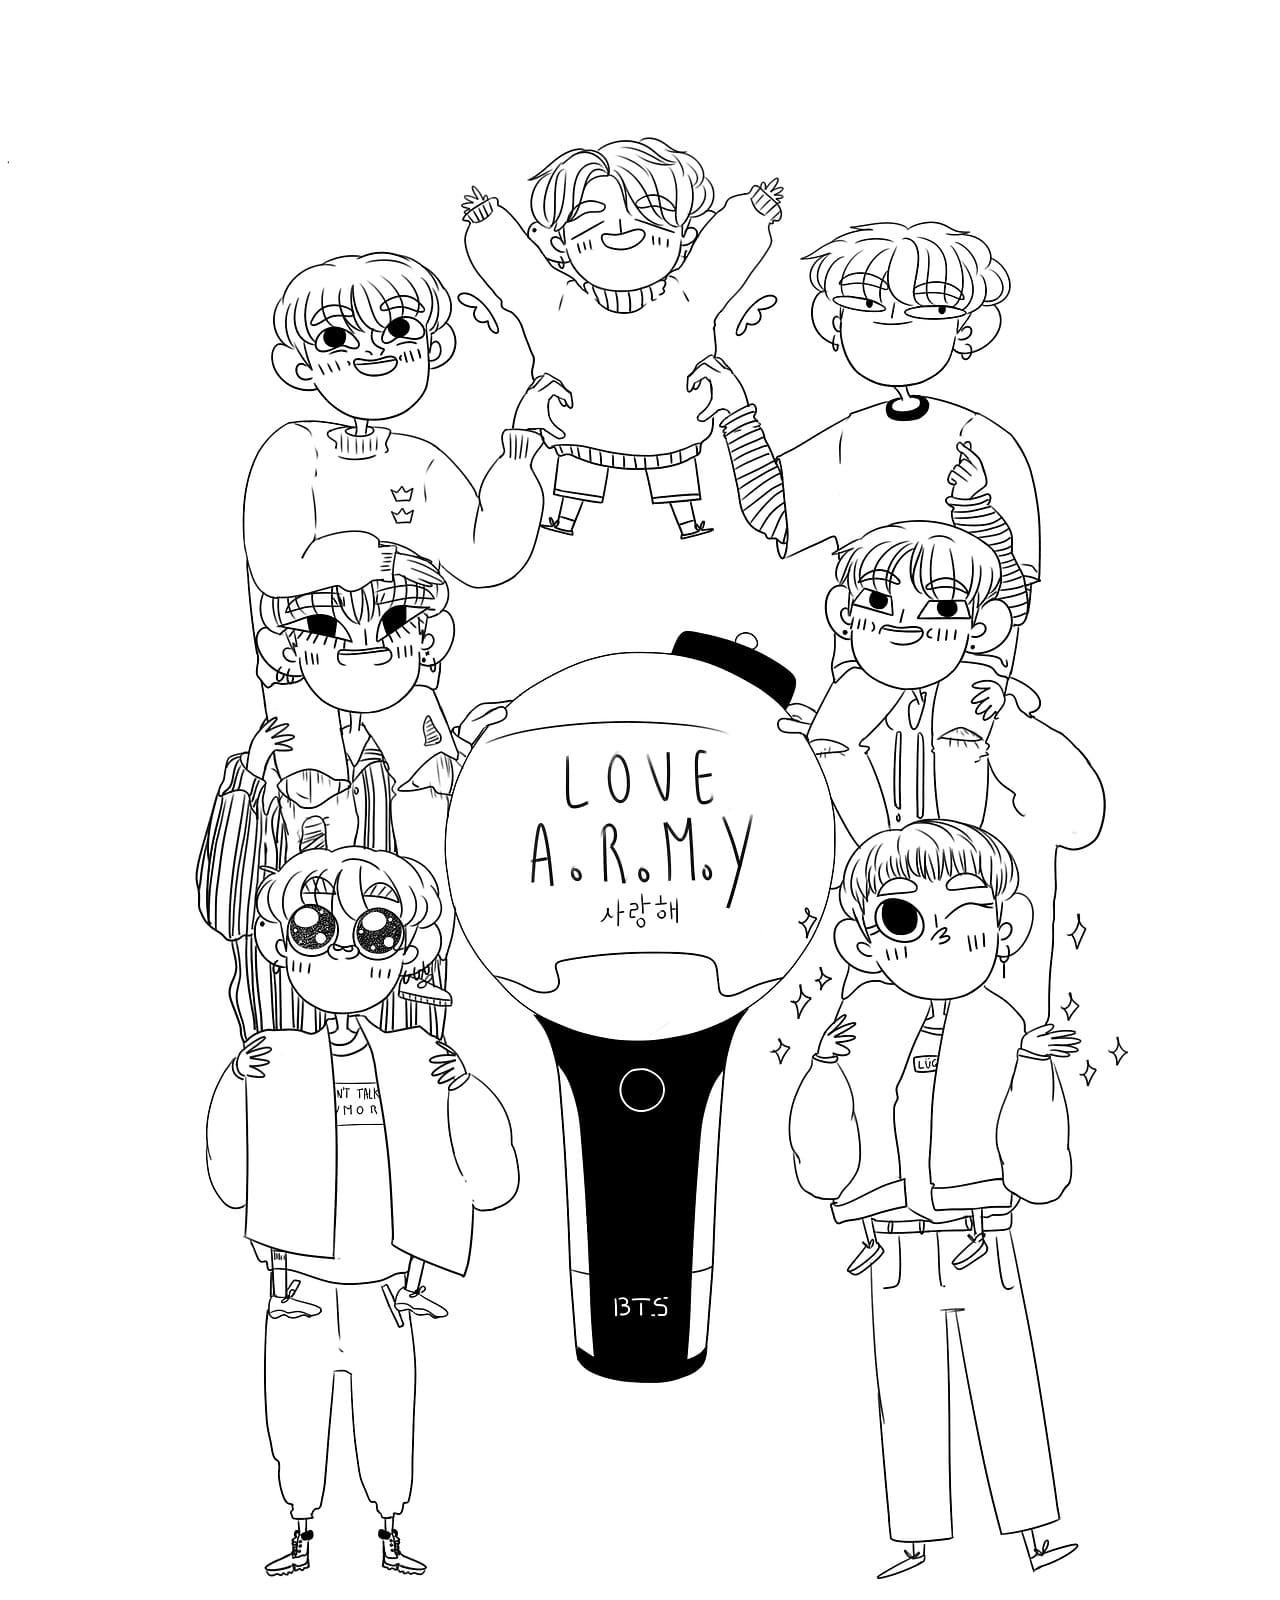 Раскраски БТС (BTS). Распечатайте участников популярной группы